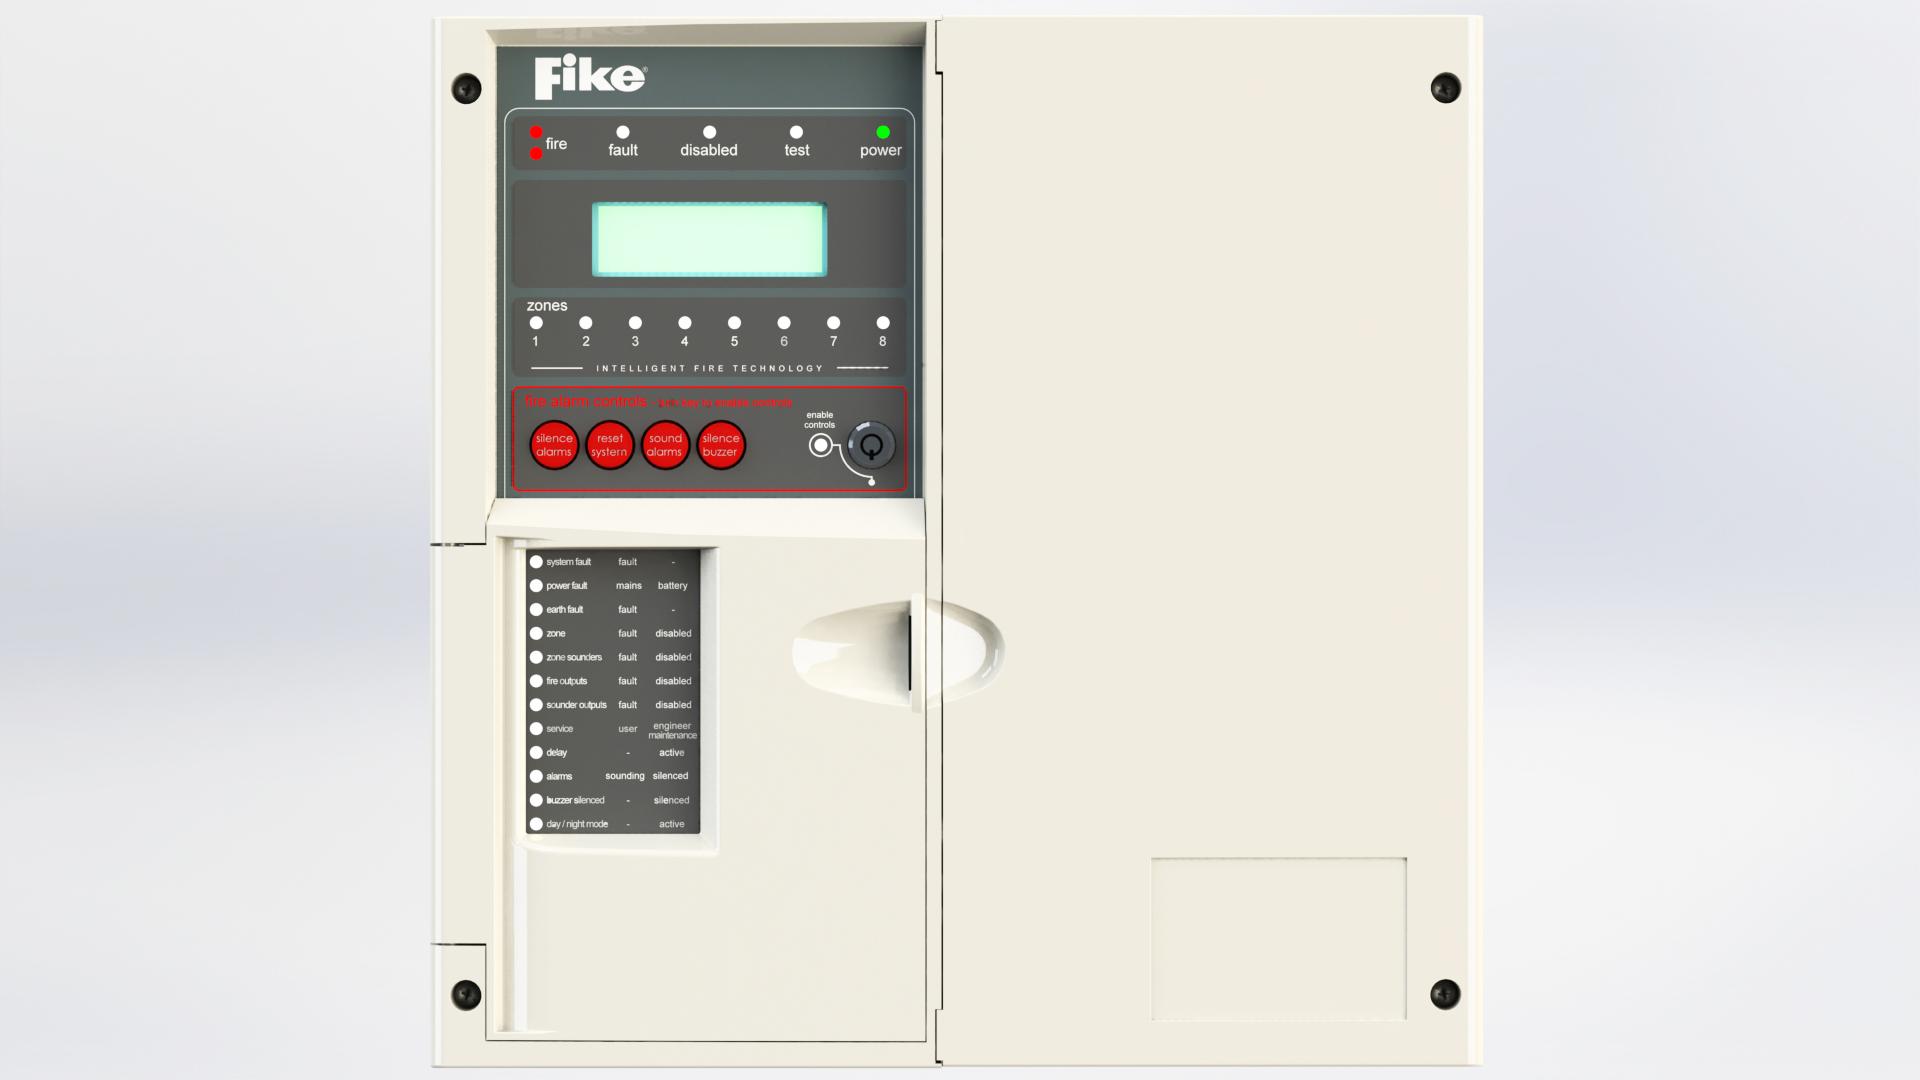 TwinflexPro2 panel